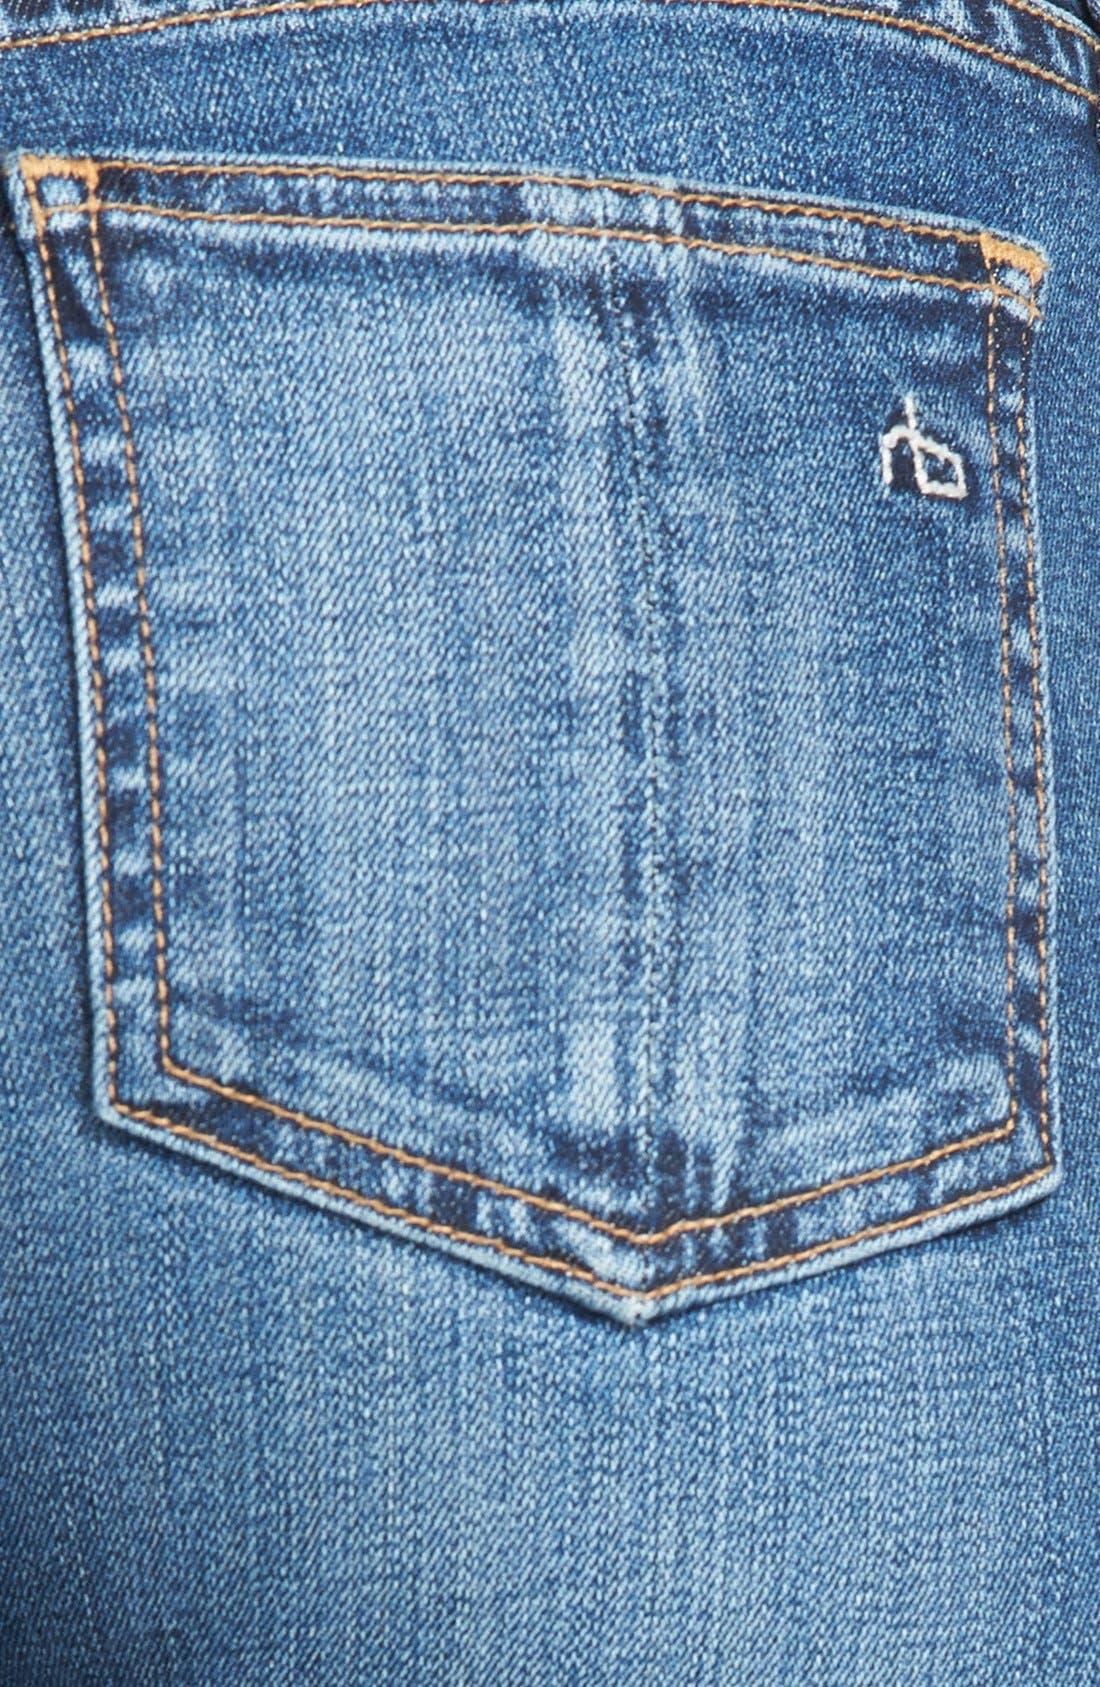 Alternate Image 3  - rag & bone/JEAN Crop Skinny Jeans (Sonoma)